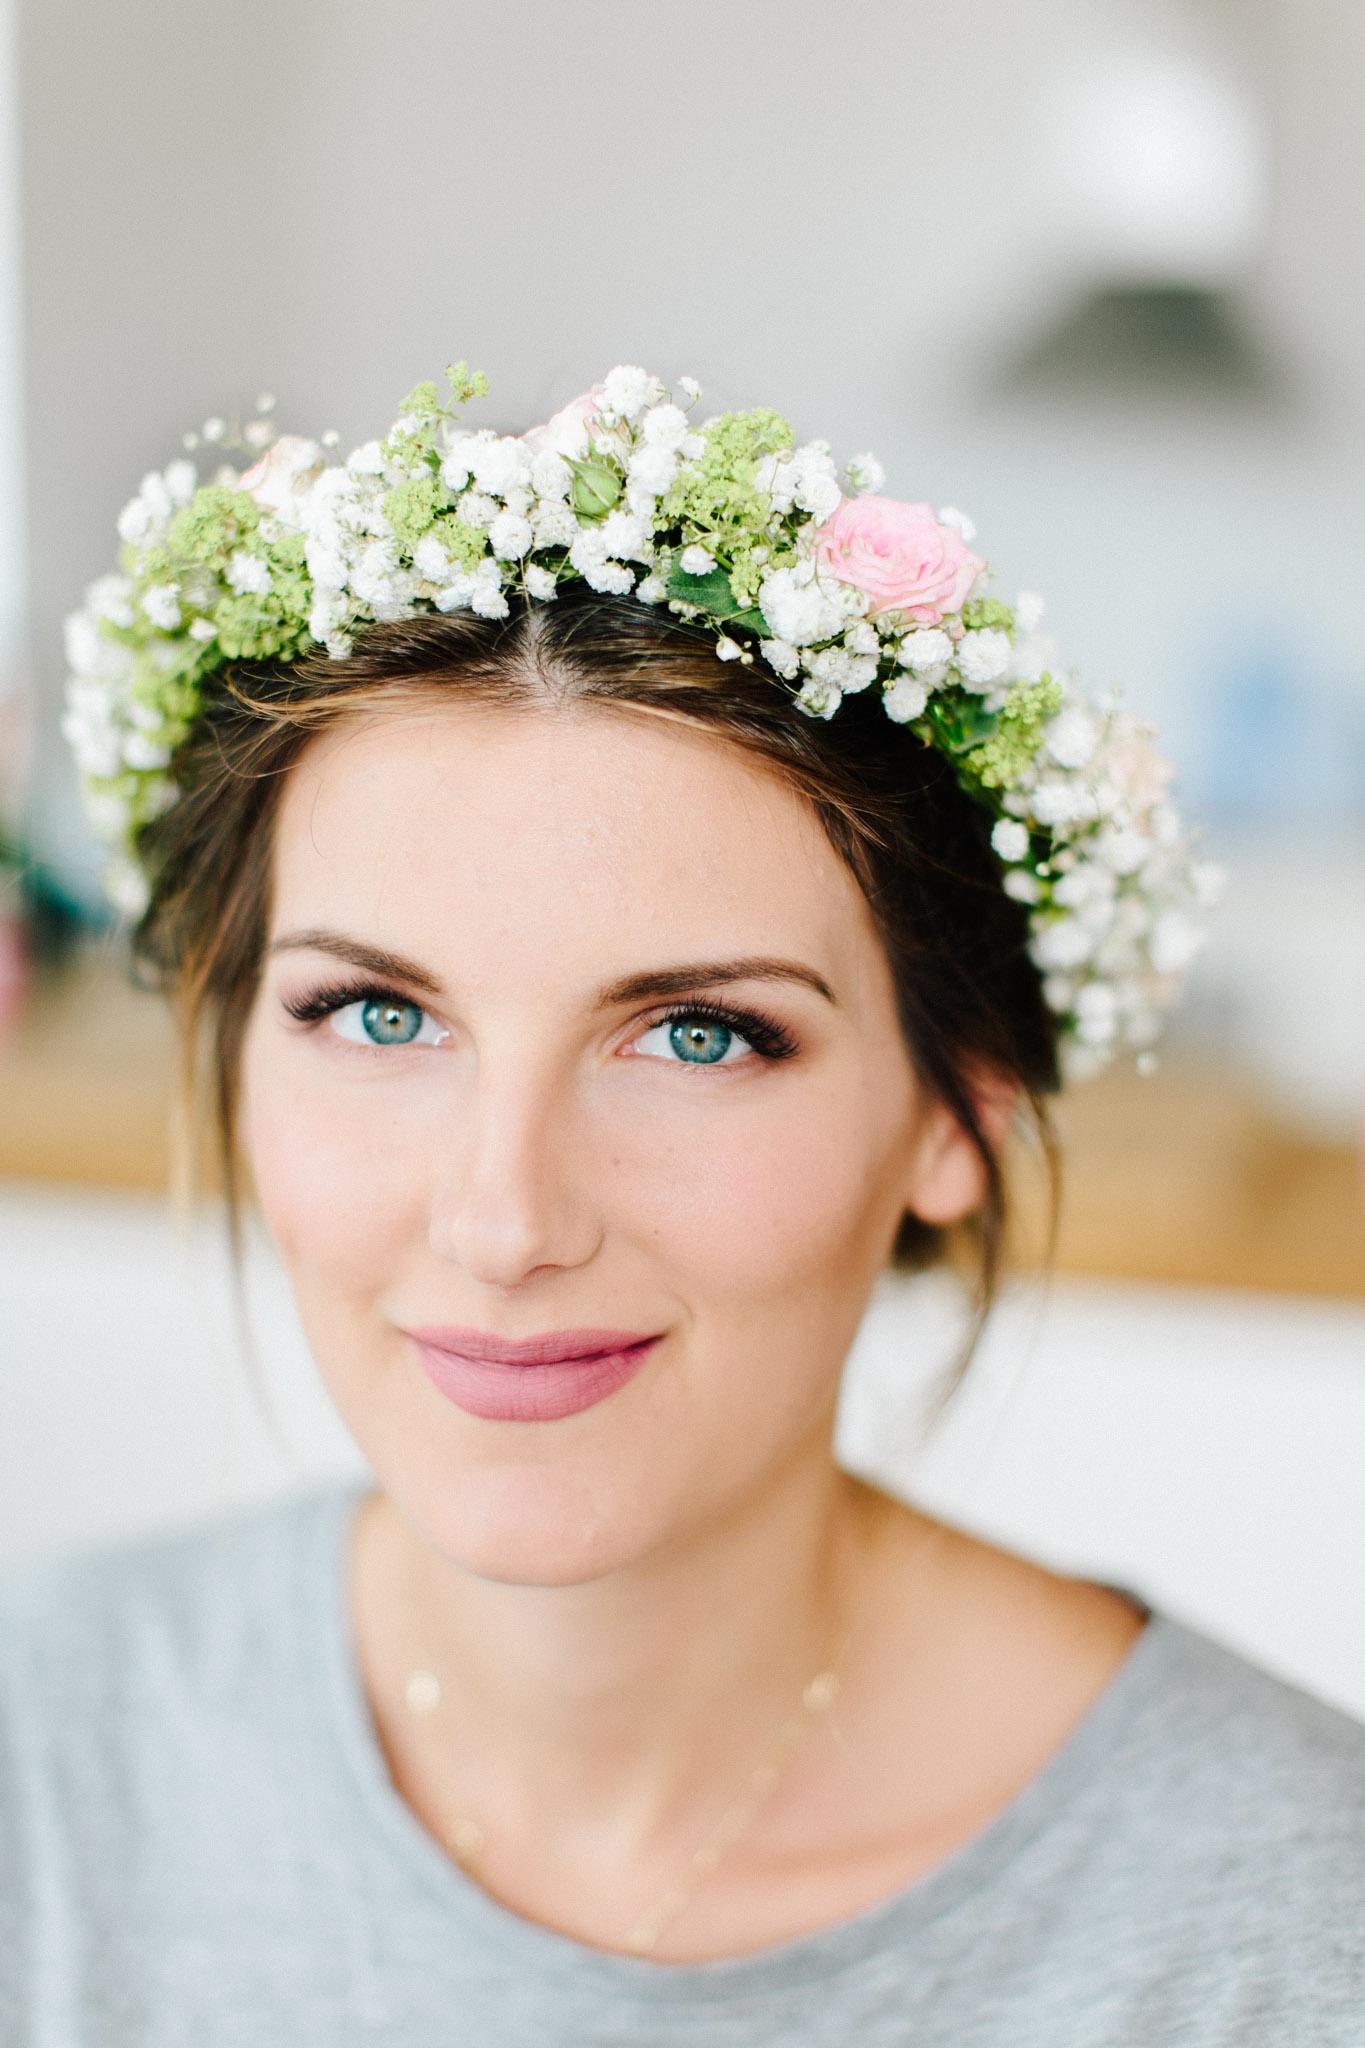 Nordhausen-Harz-Hochzeit-Pia-Anna-Christian-Wedding-Photography-LM-23.jpg